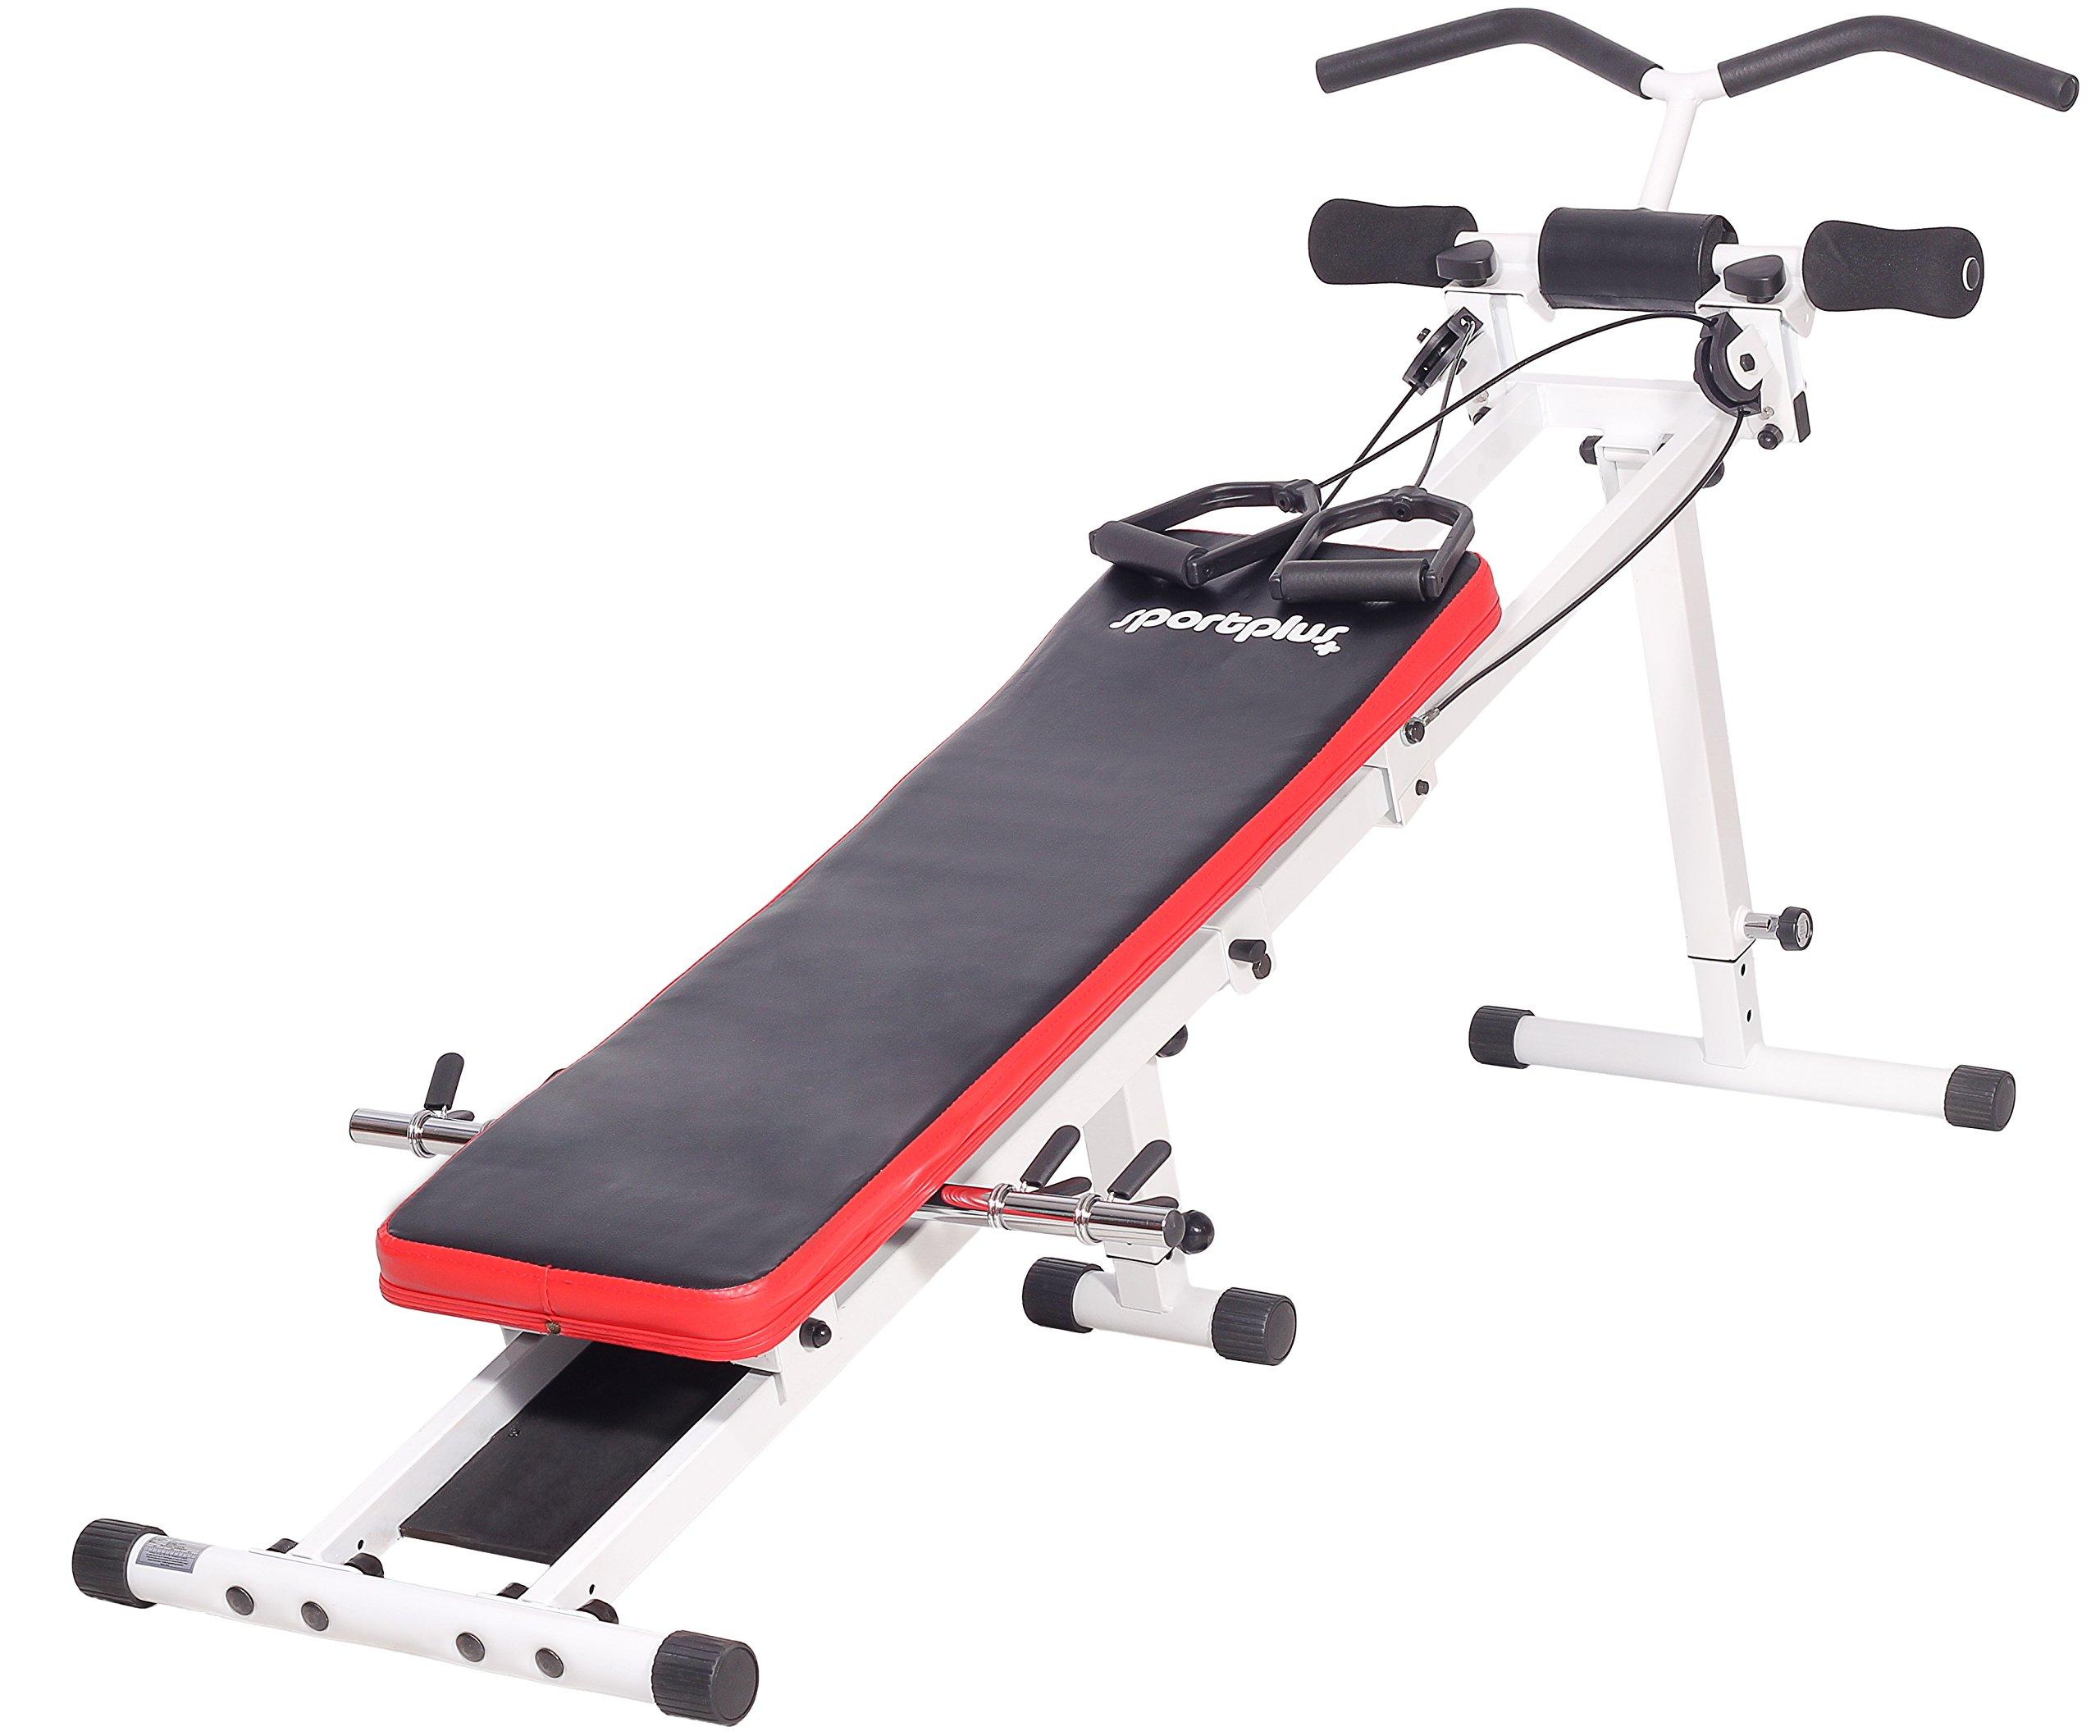 SportPlus Banco de Abdominales con Sistema de Polea – Aparato Fitness para Entrenamiento en Casa, Plegable, máx. Peso de Usuario 120 kg